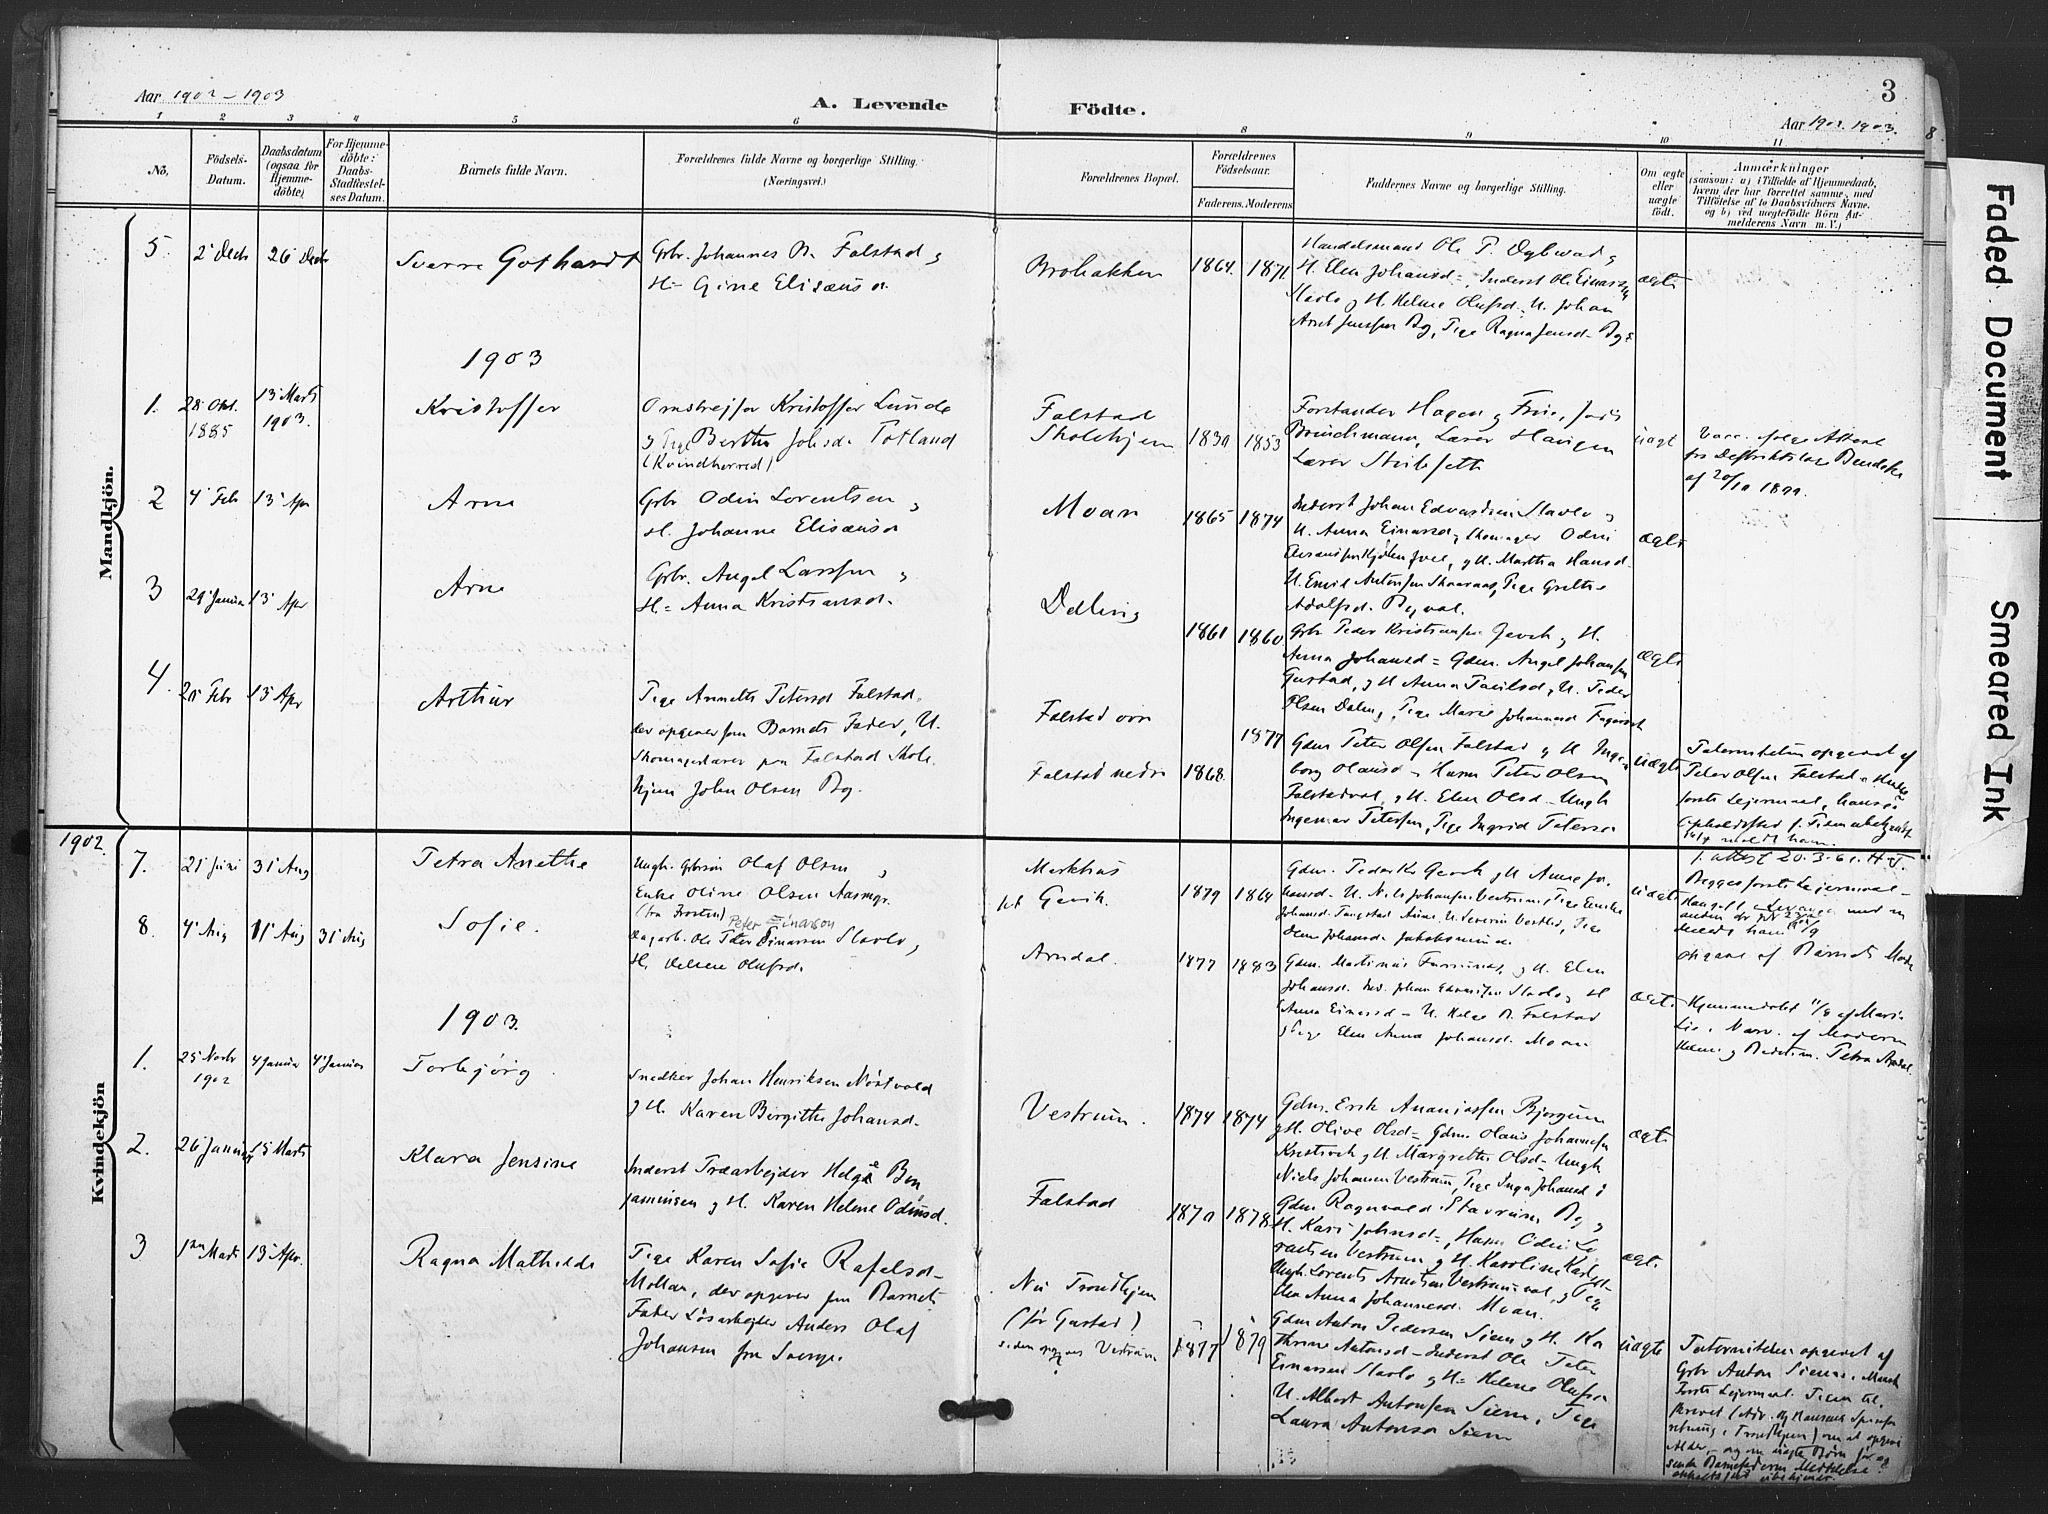 SAT, Ministerialprotokoller, klokkerbøker og fødselsregistre - Nord-Trøndelag, 719/L0179: Ministerialbok nr. 719A02, 1901-1923, s. 3